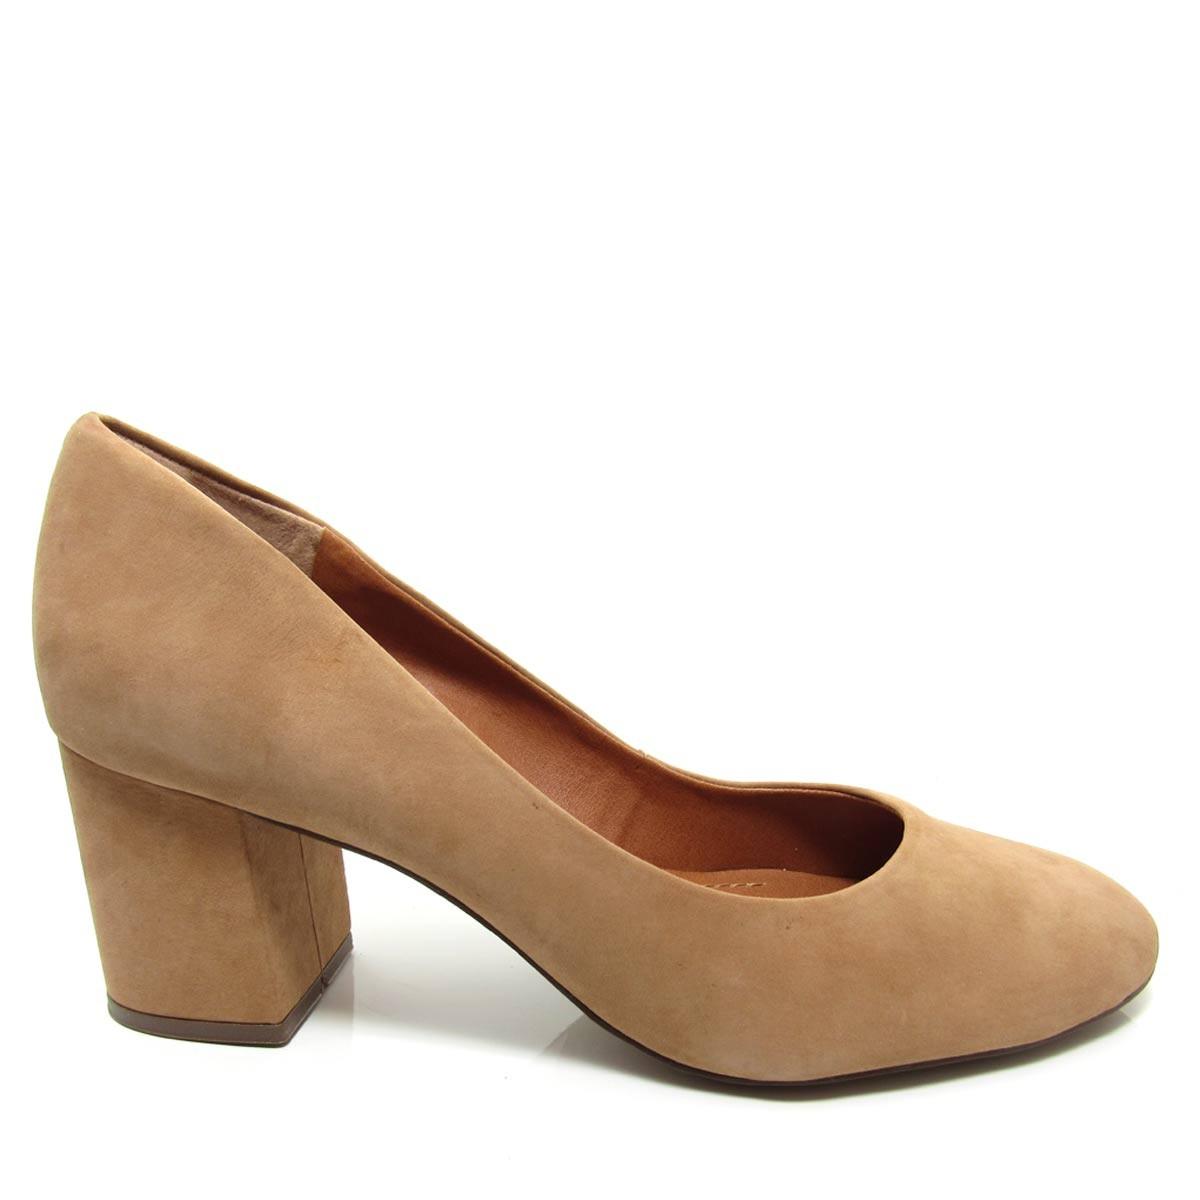 f1eb33ed4 Calçados Femininos Santa Flor